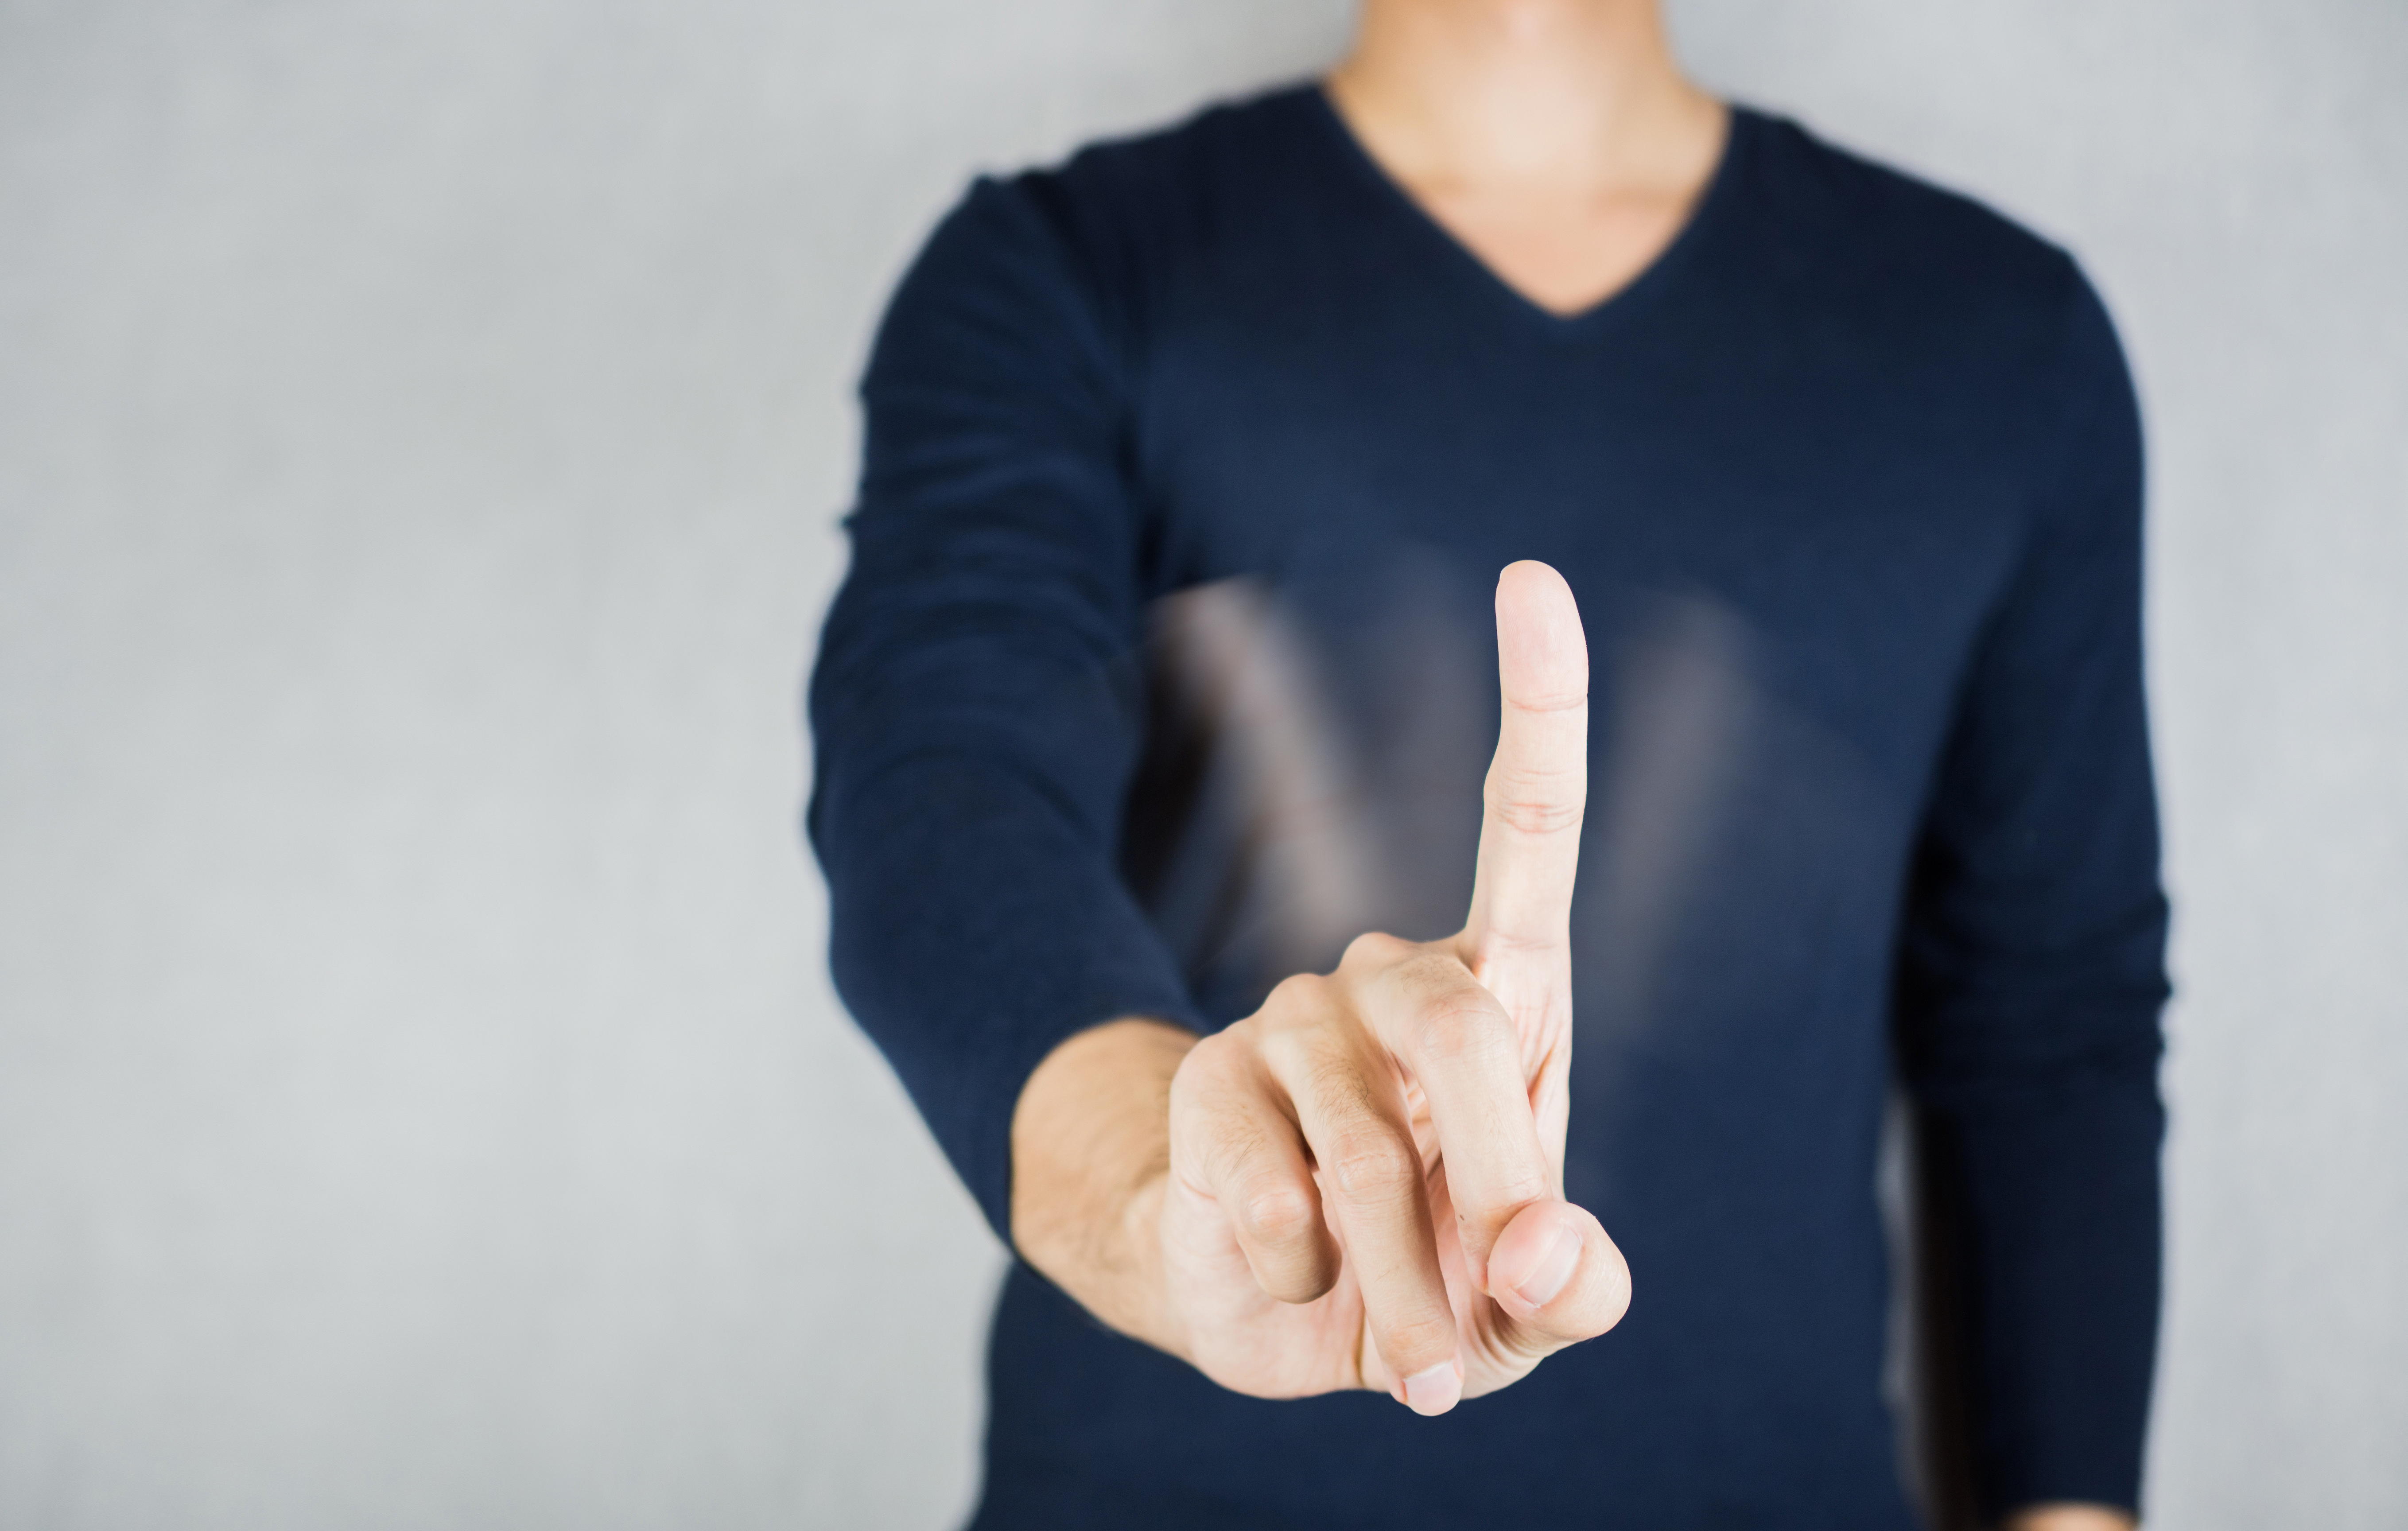 Ai-je le droit de refuser un patient ?